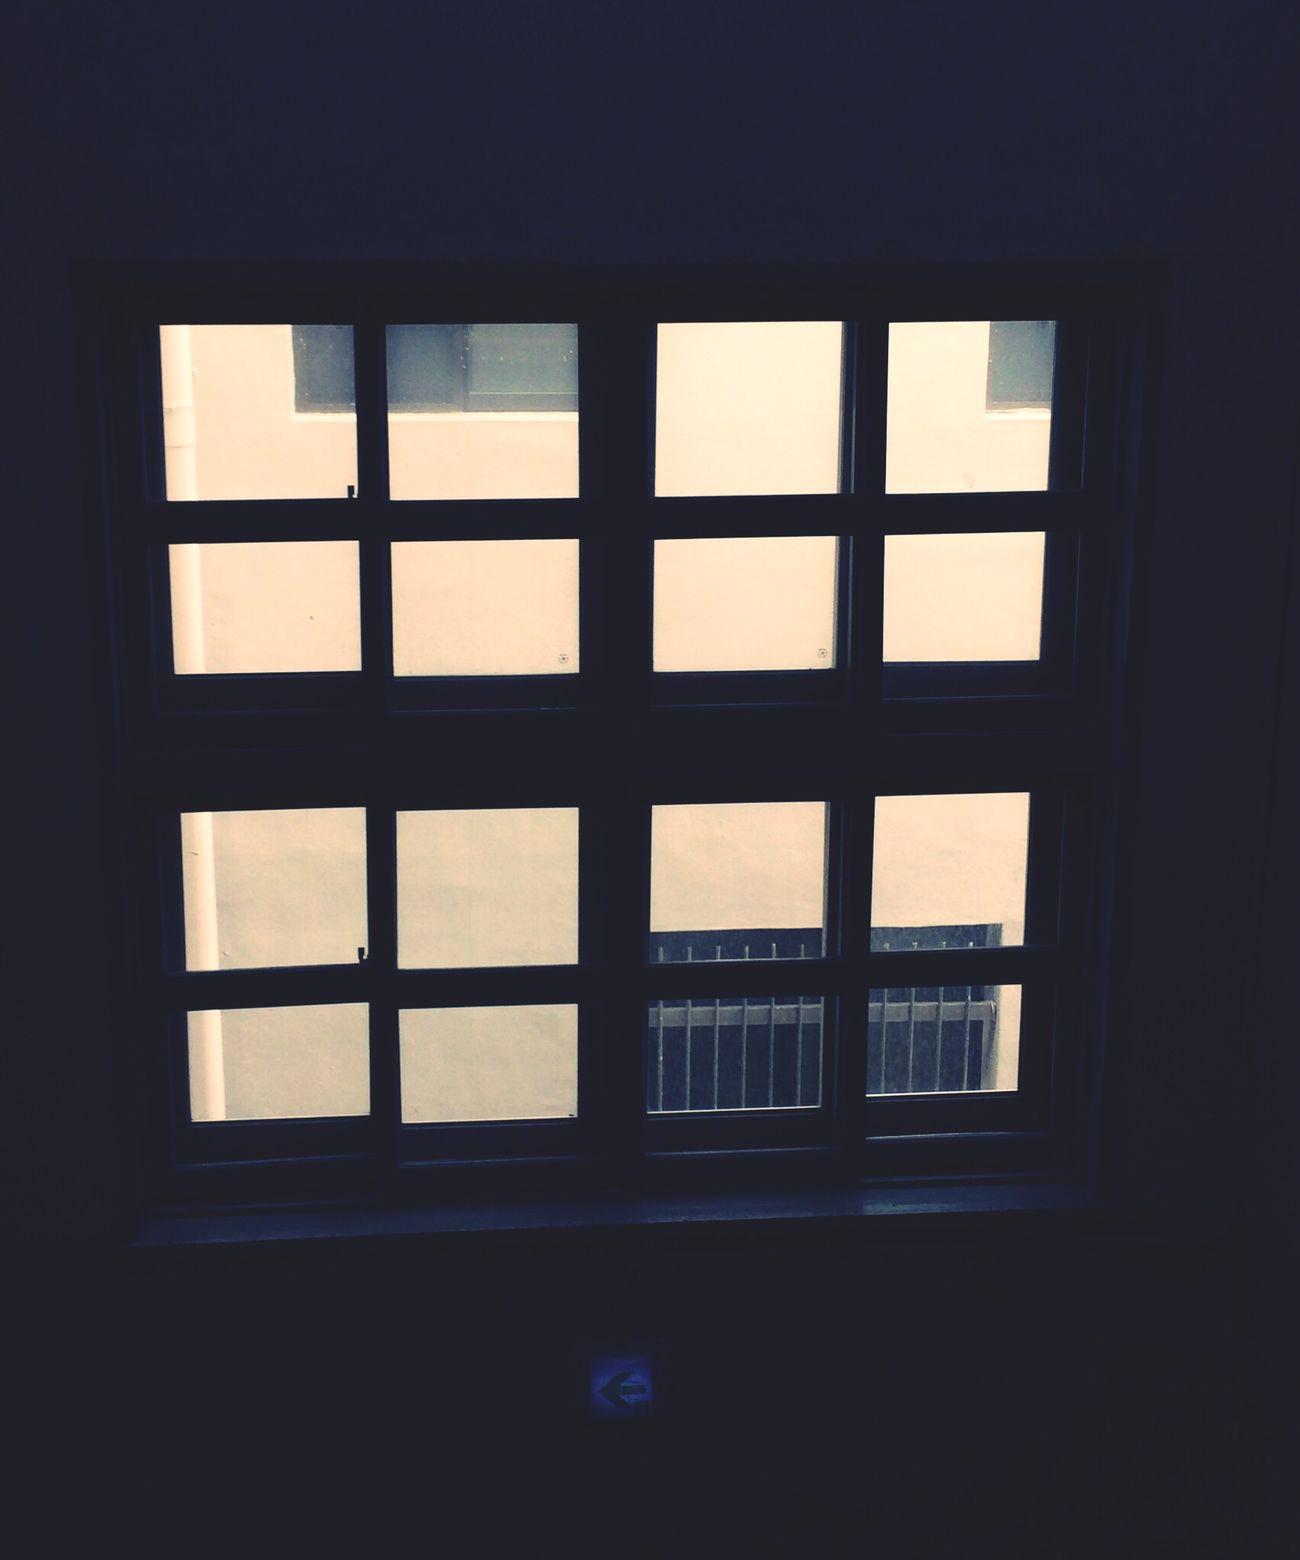 창밖 풍경도 예쁘면 좋겠는데... 나도 그렇구...